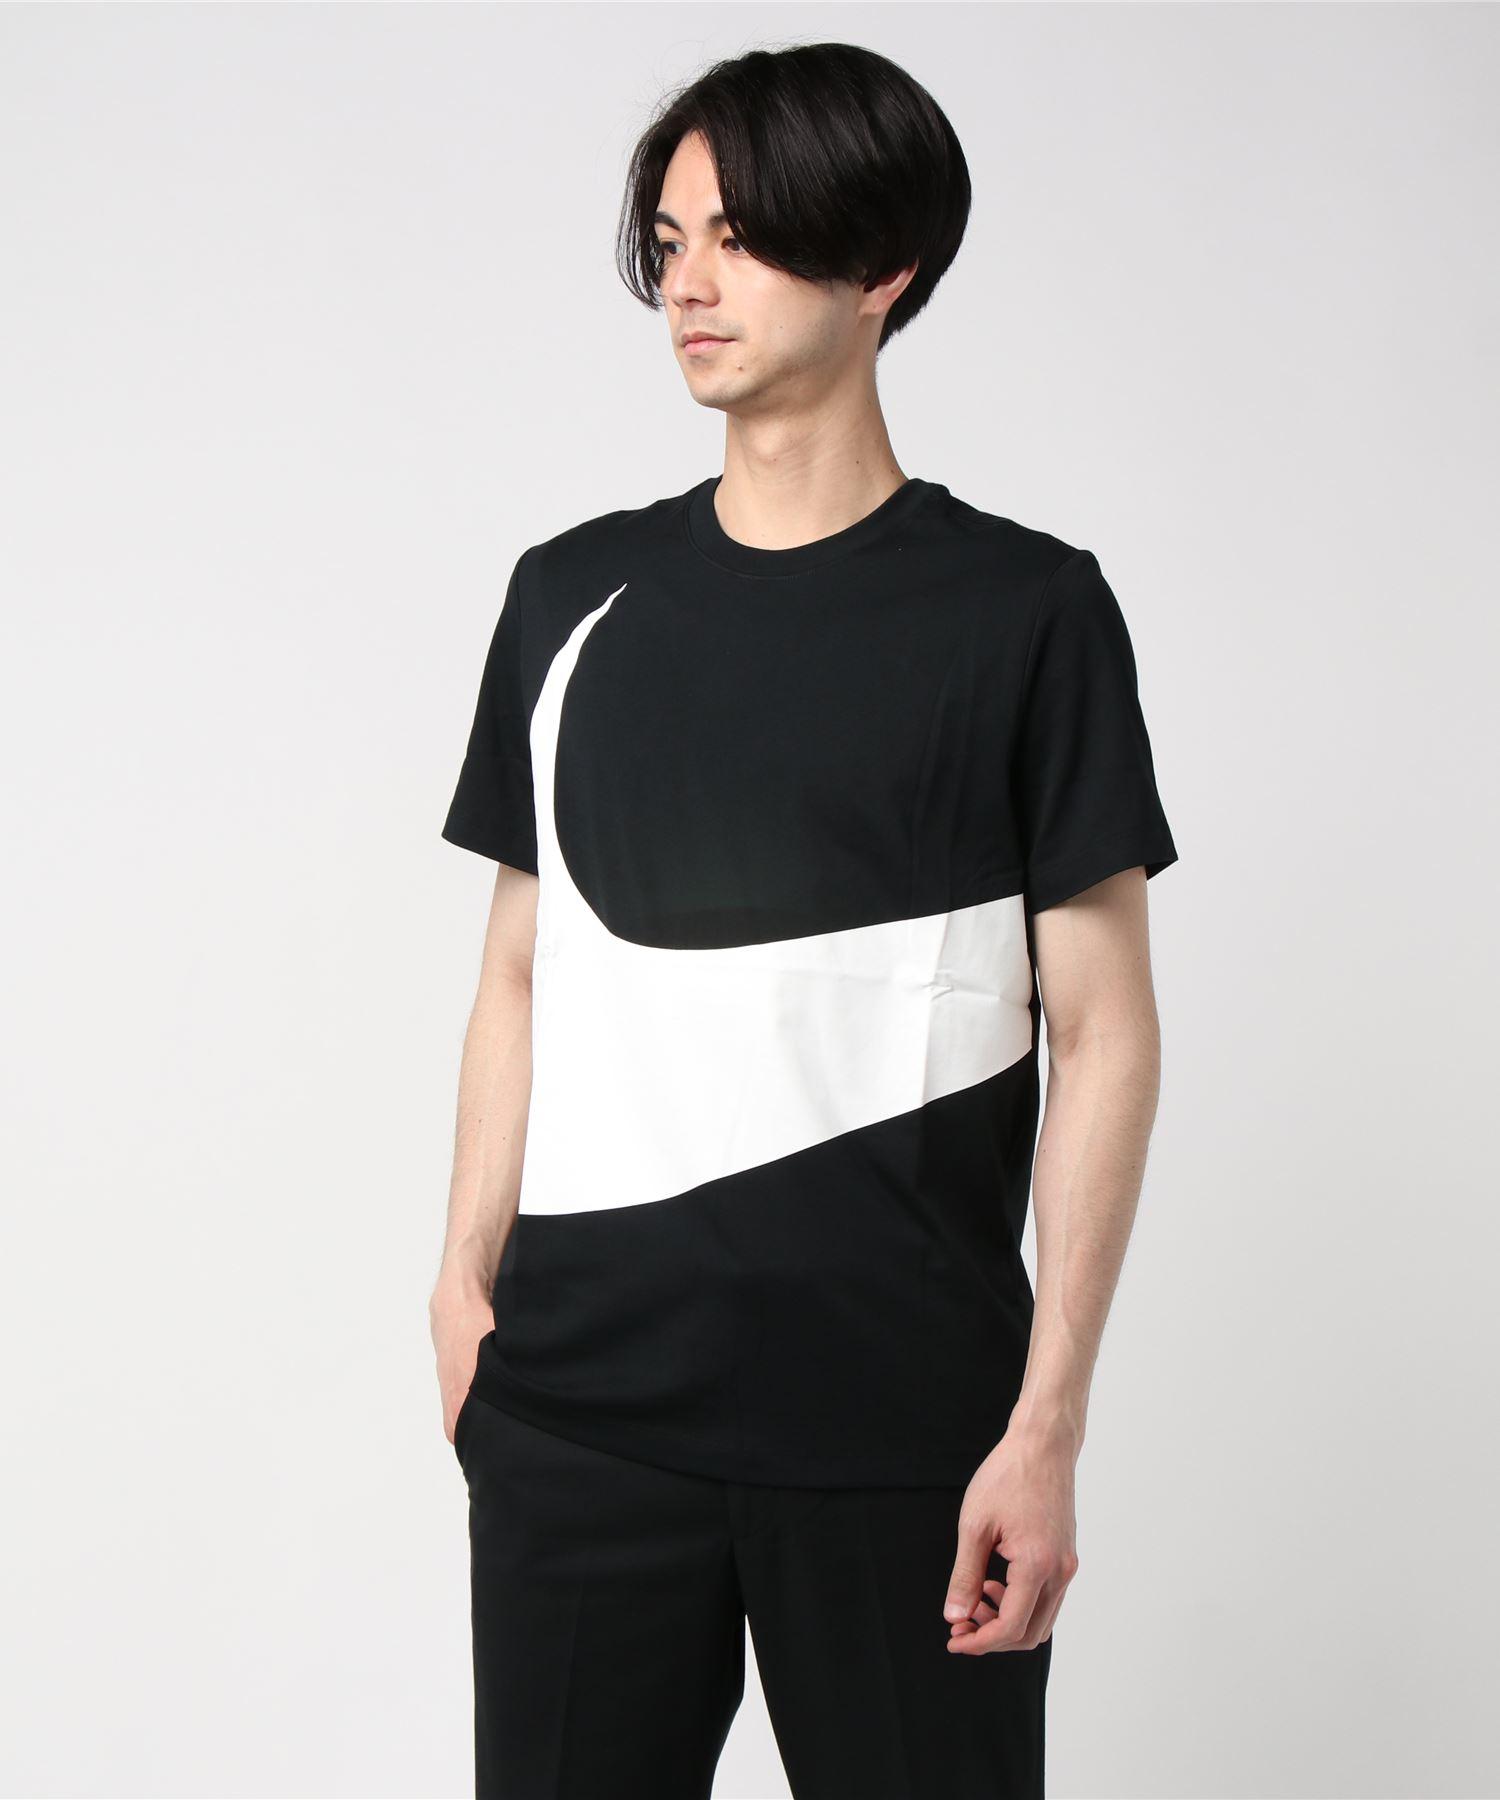 ナイキ NIKE / HBRスウォッシュ S/S Tシャツ